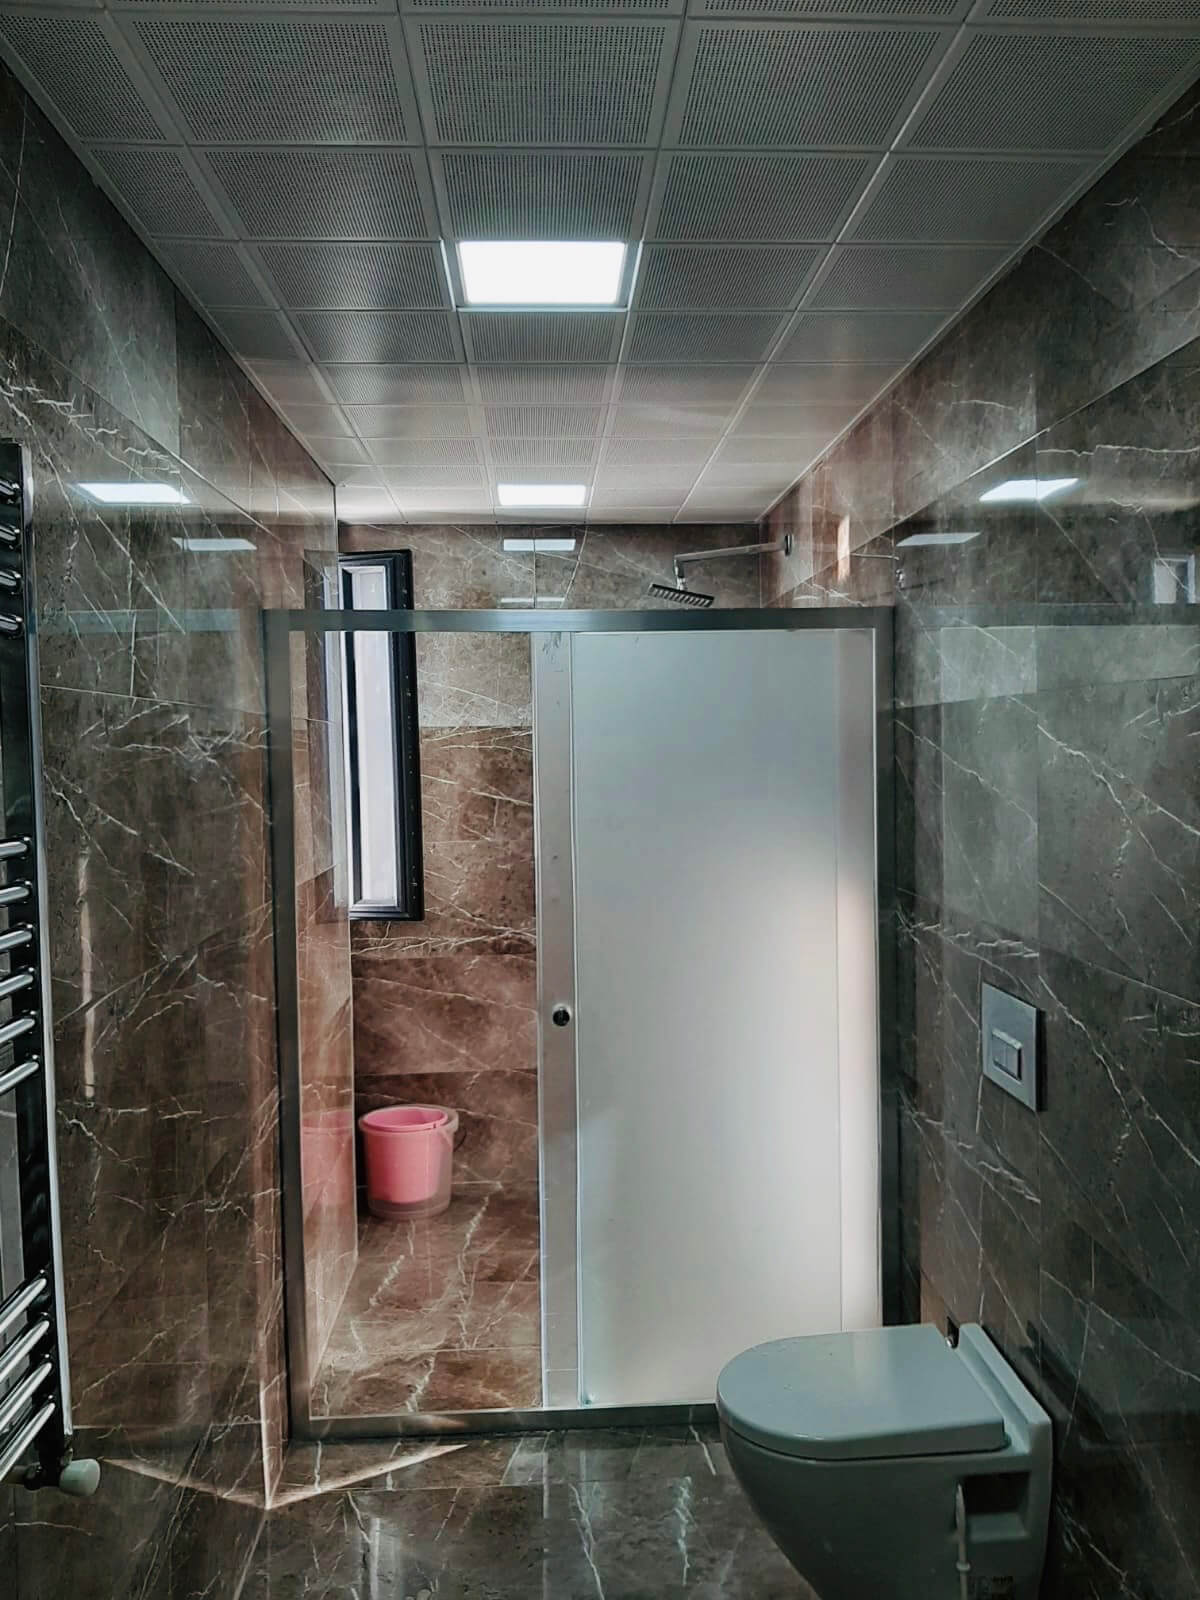 İki Duvar Arası Buzlu Cam Zemin Üzeri Duş Kabin Sistemi